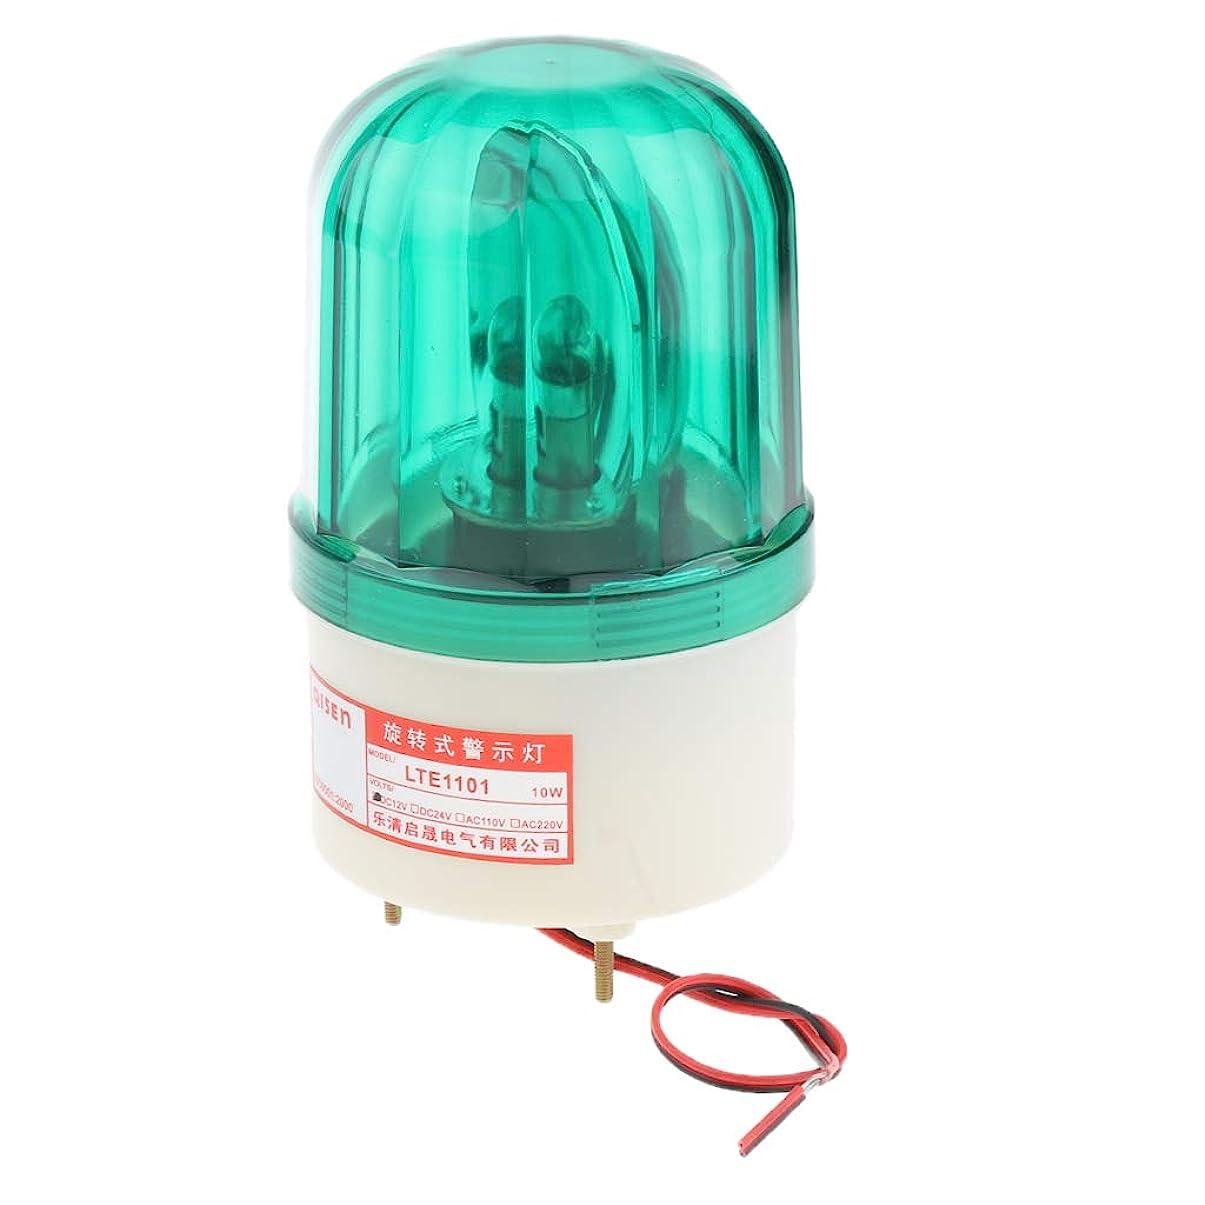 矛盾中間氷EFORCAR LED警告灯 非常信号灯 パトランプ 車に応急用ライト 道路工事用安全ライト 3*AAA電池式 マグネット付き オレンジレッド 収納袋付き 3個セット